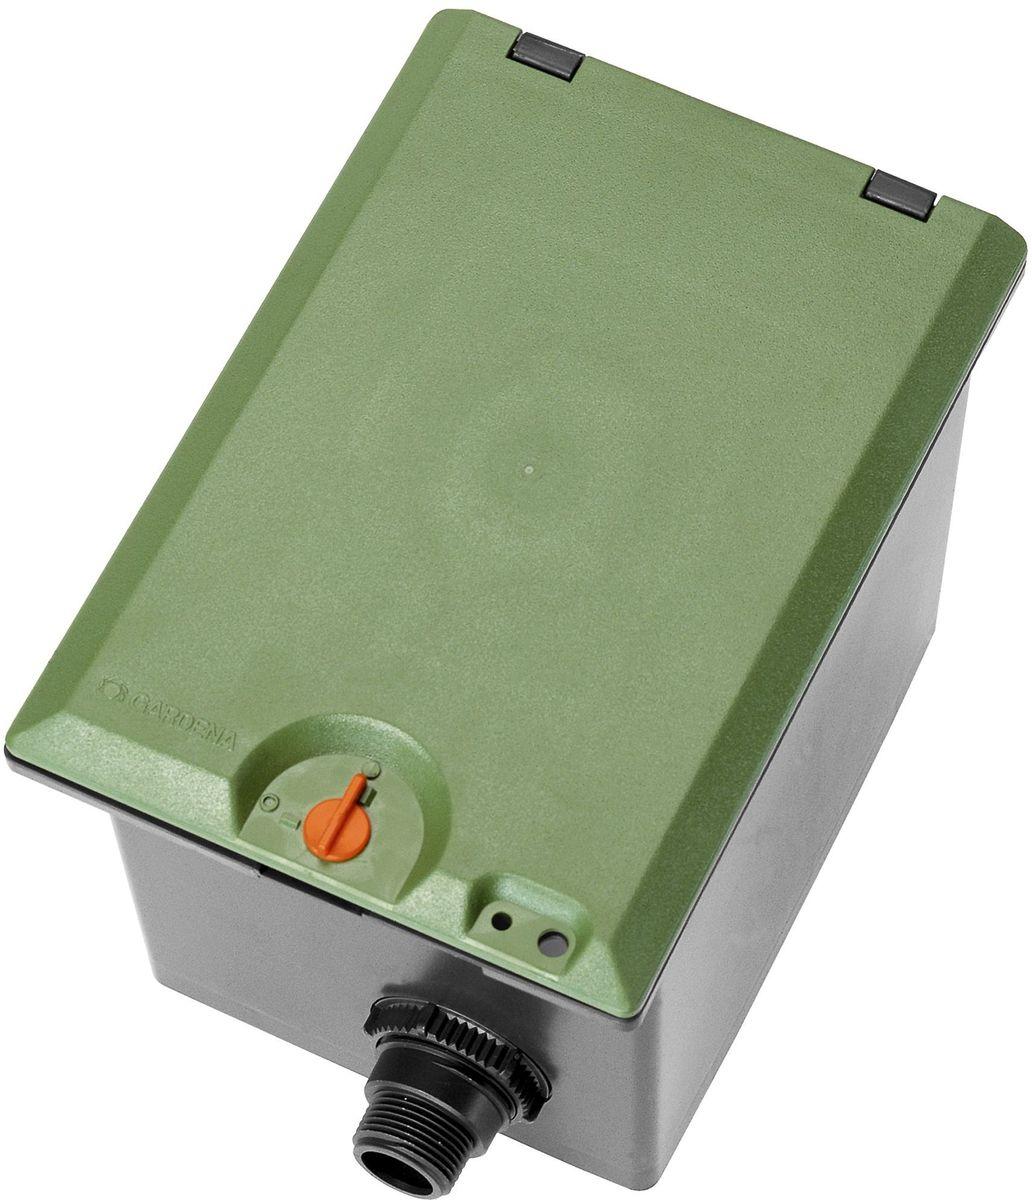 Коробка для клапана Gardena, для полива V1. 01254-29.000.0001254-29.000.00Коробка GARDENA В1 рассчитана на подземную установку одного клапана для полива 24 В (арт. 1278-20) или одного клапана для полива 9 В (арт. 1251-20). Телескопическое резьбовое соединение обеспечивает удобство монтажа/демонтажа клапана. Крышка снабжена механизмом блокировки для безопасности детей. Коробка для клапана для полива V1 GARDENA оснащена наружной резьбой 1 дюйм.